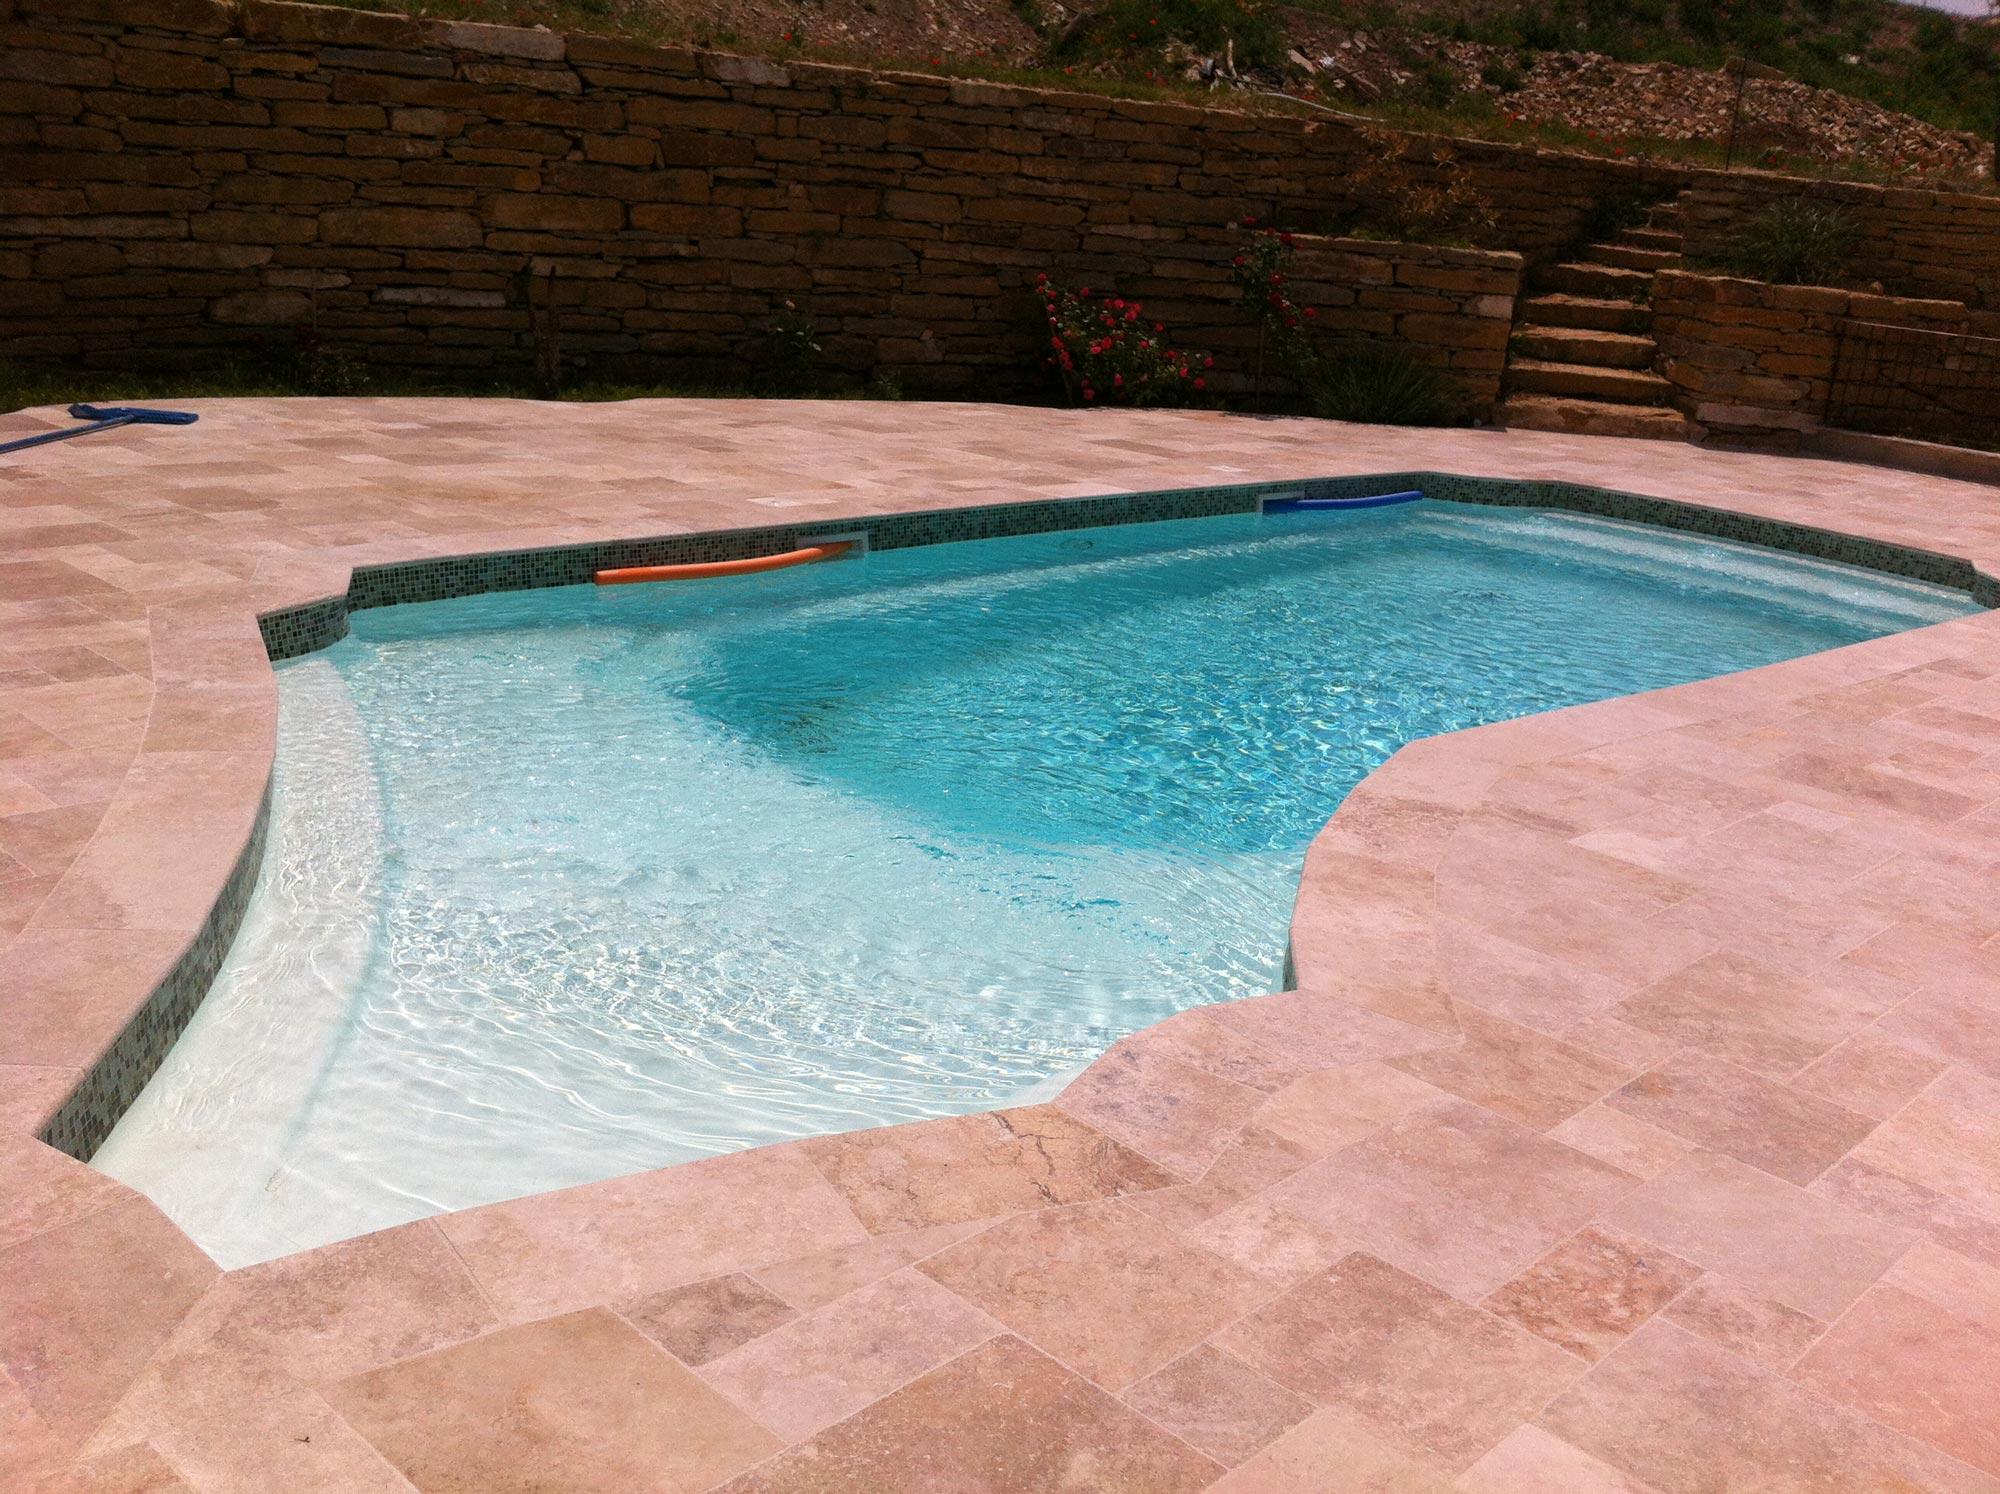 Piscine coque piscines coques piscines beton saint cyr for Piscine a coque